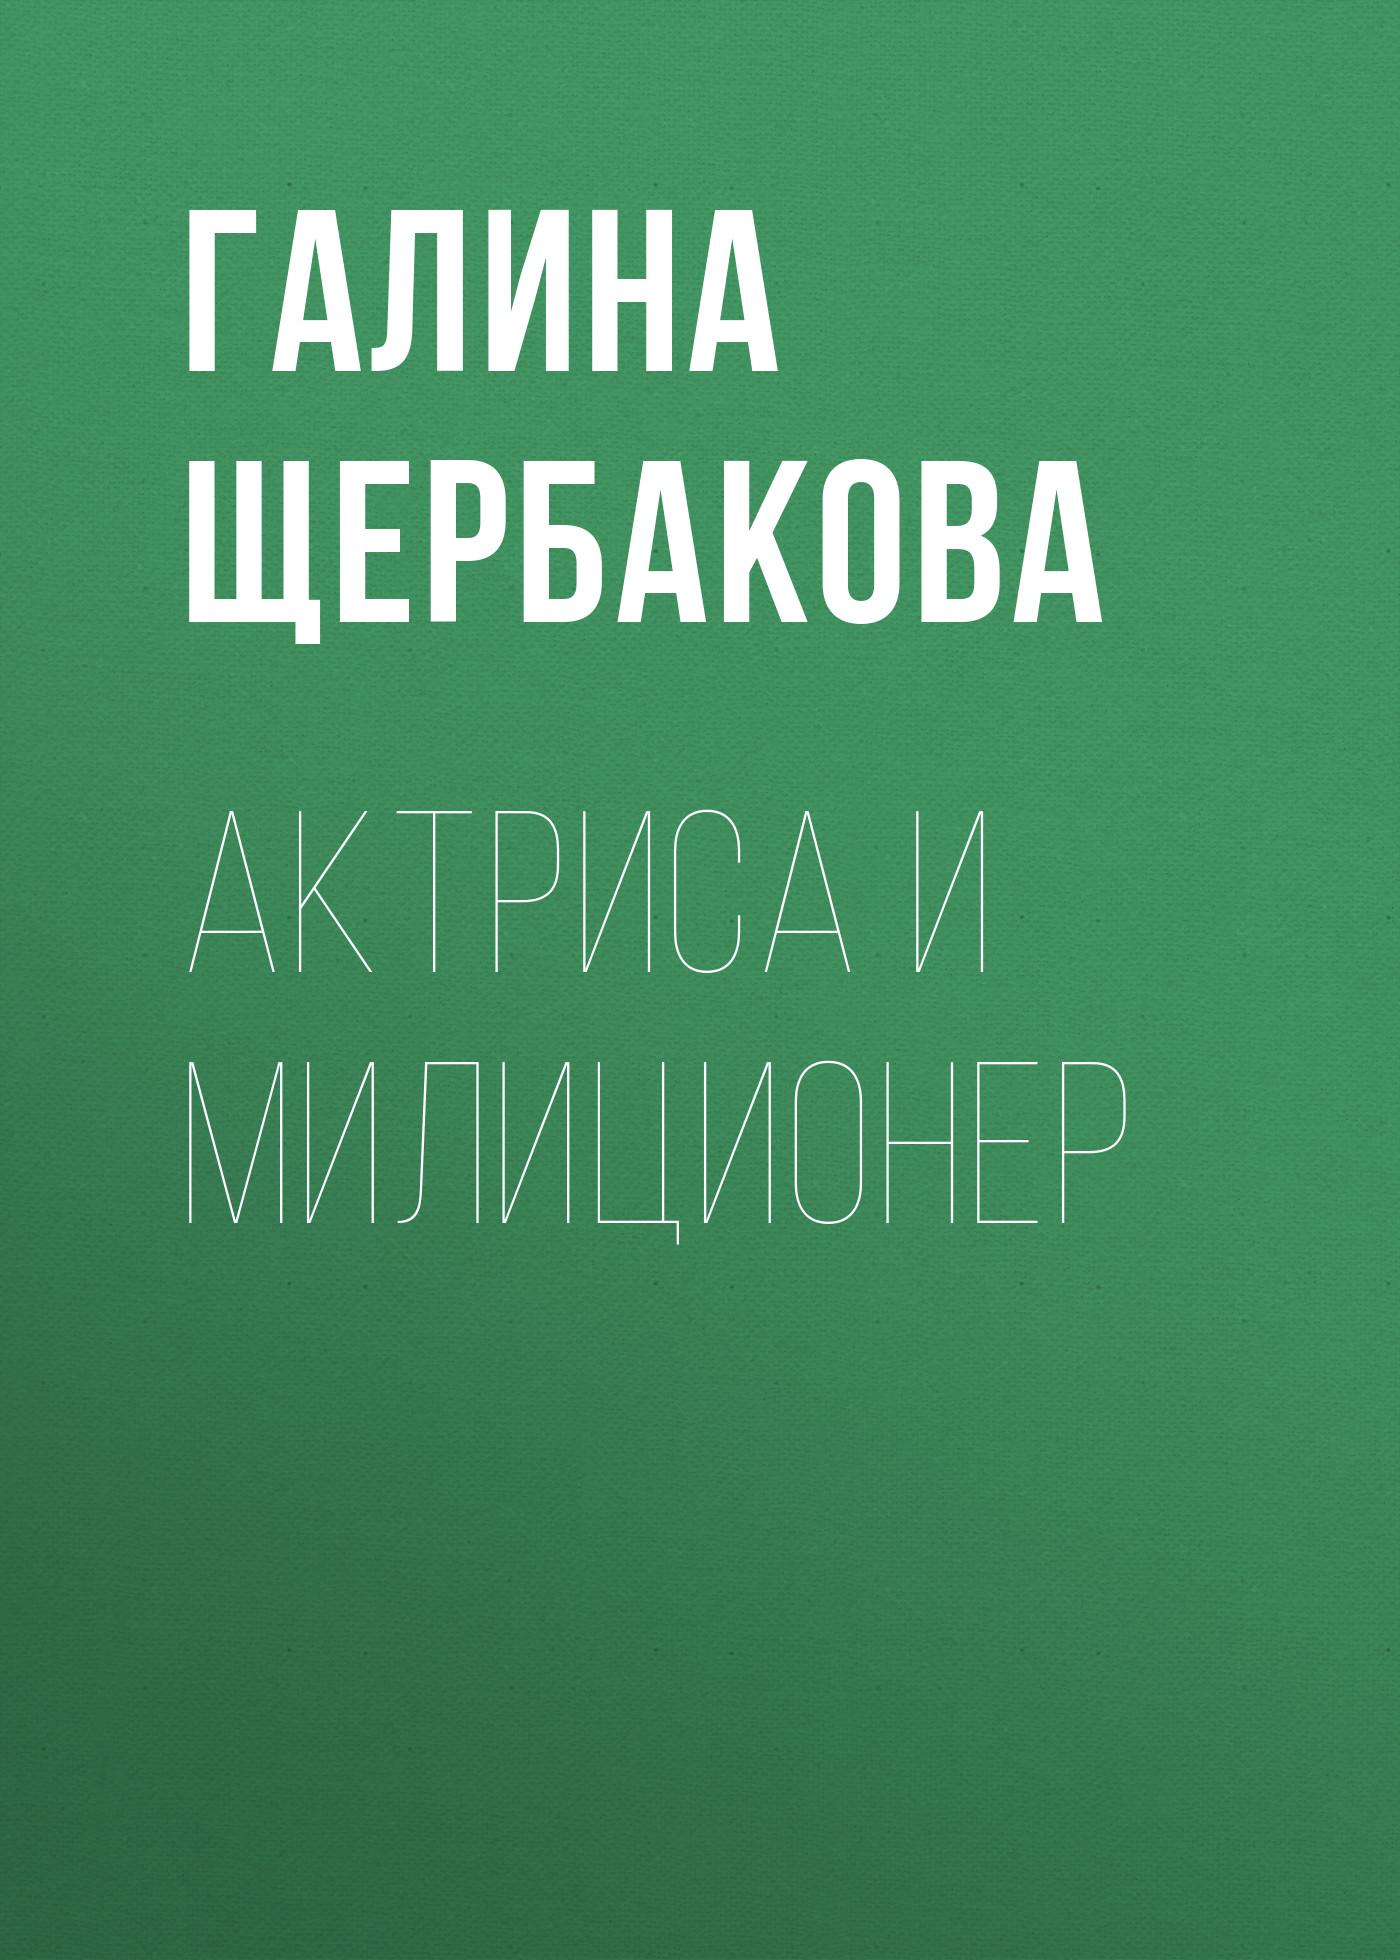 Галина Щербакова Актриса и милиционер любовь и судьба